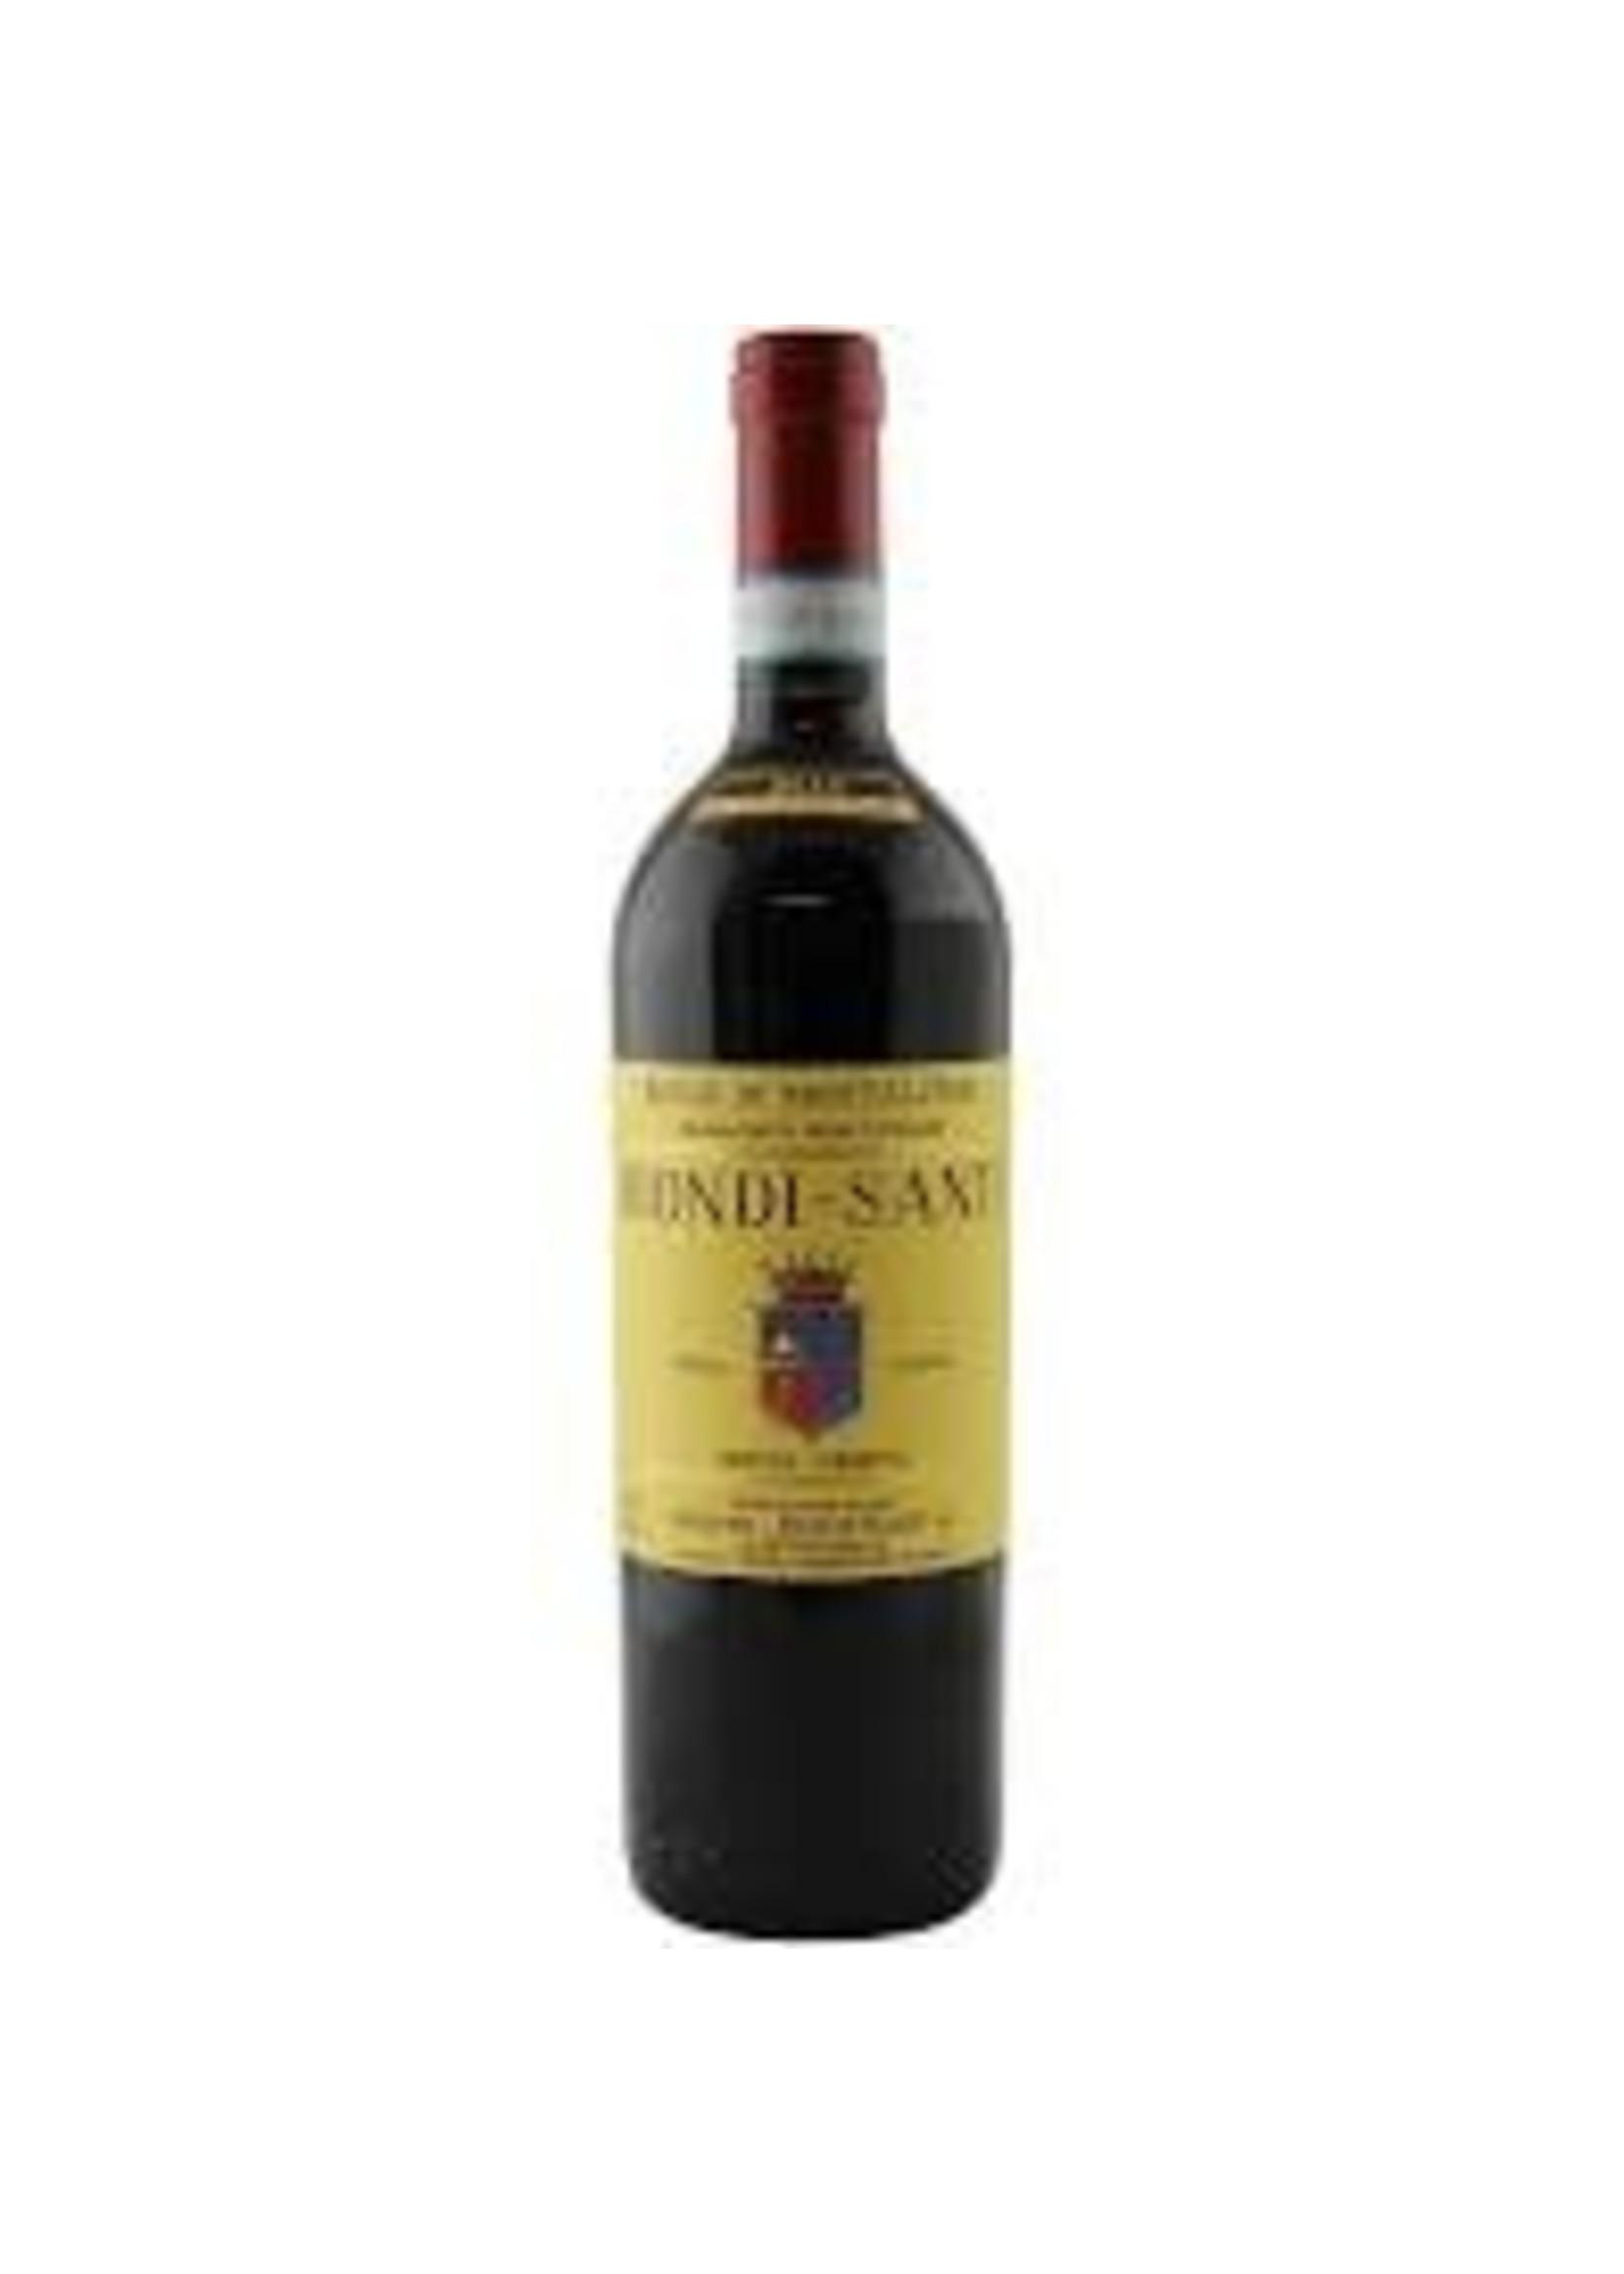 Biondi Santi 2015 Rosso di Montalcino 750ml